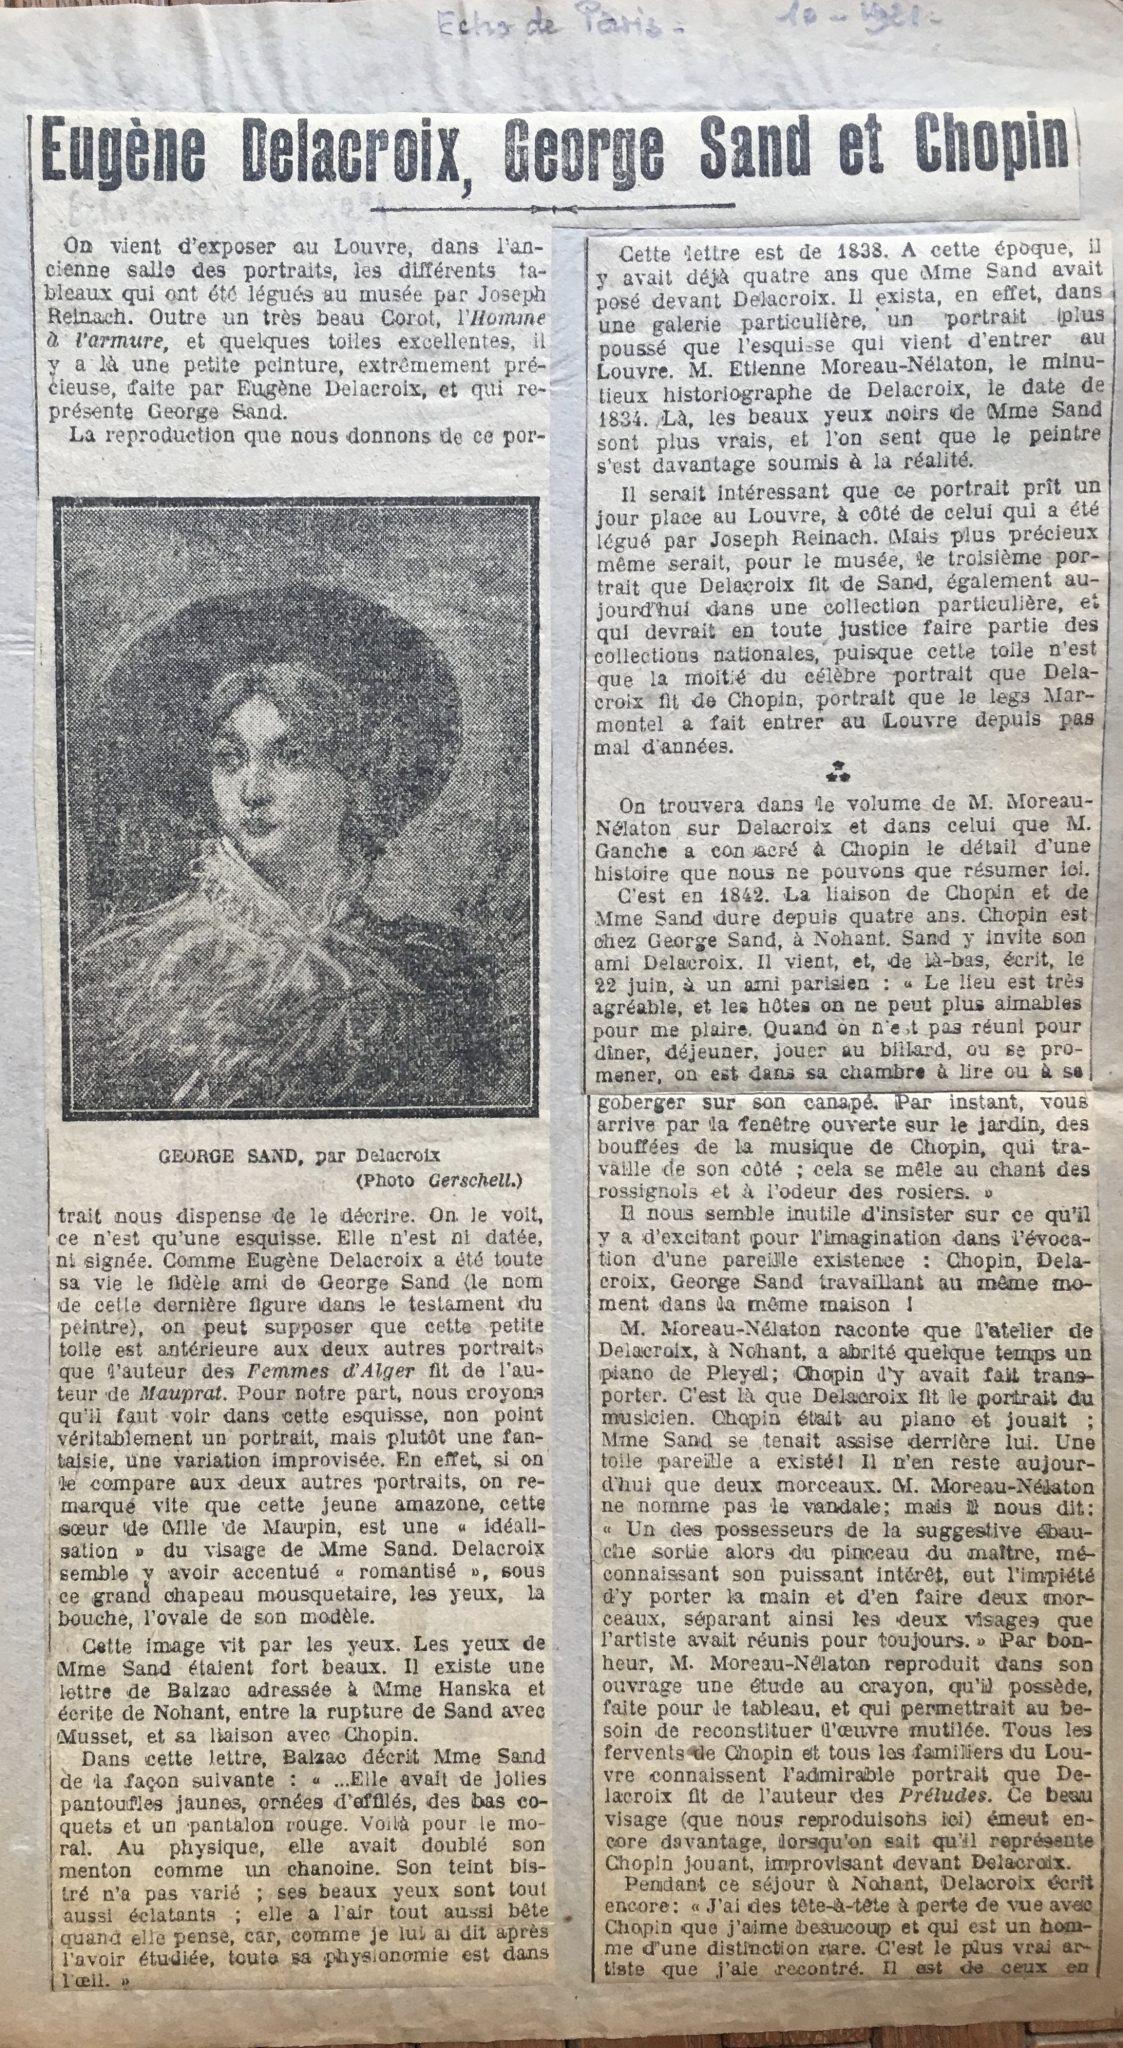 Delacroix, George Sand et Chopin 1921